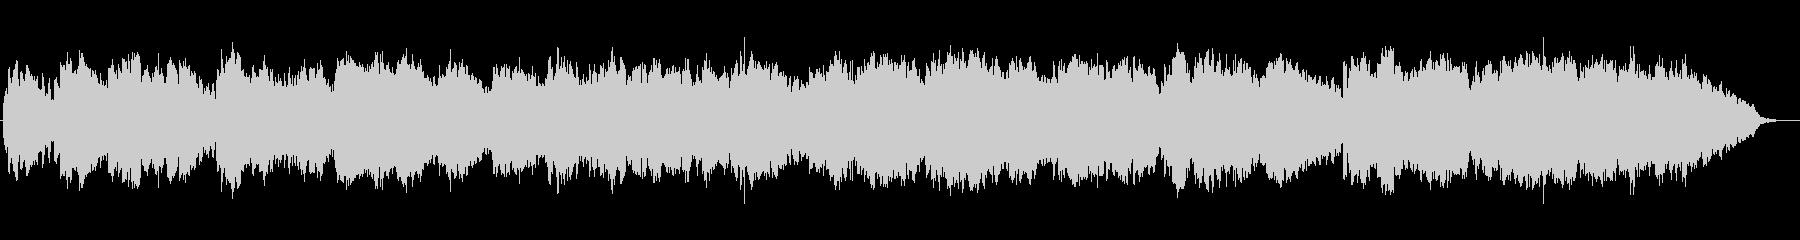 穏やかベルのアンビエントBGMの未再生の波形